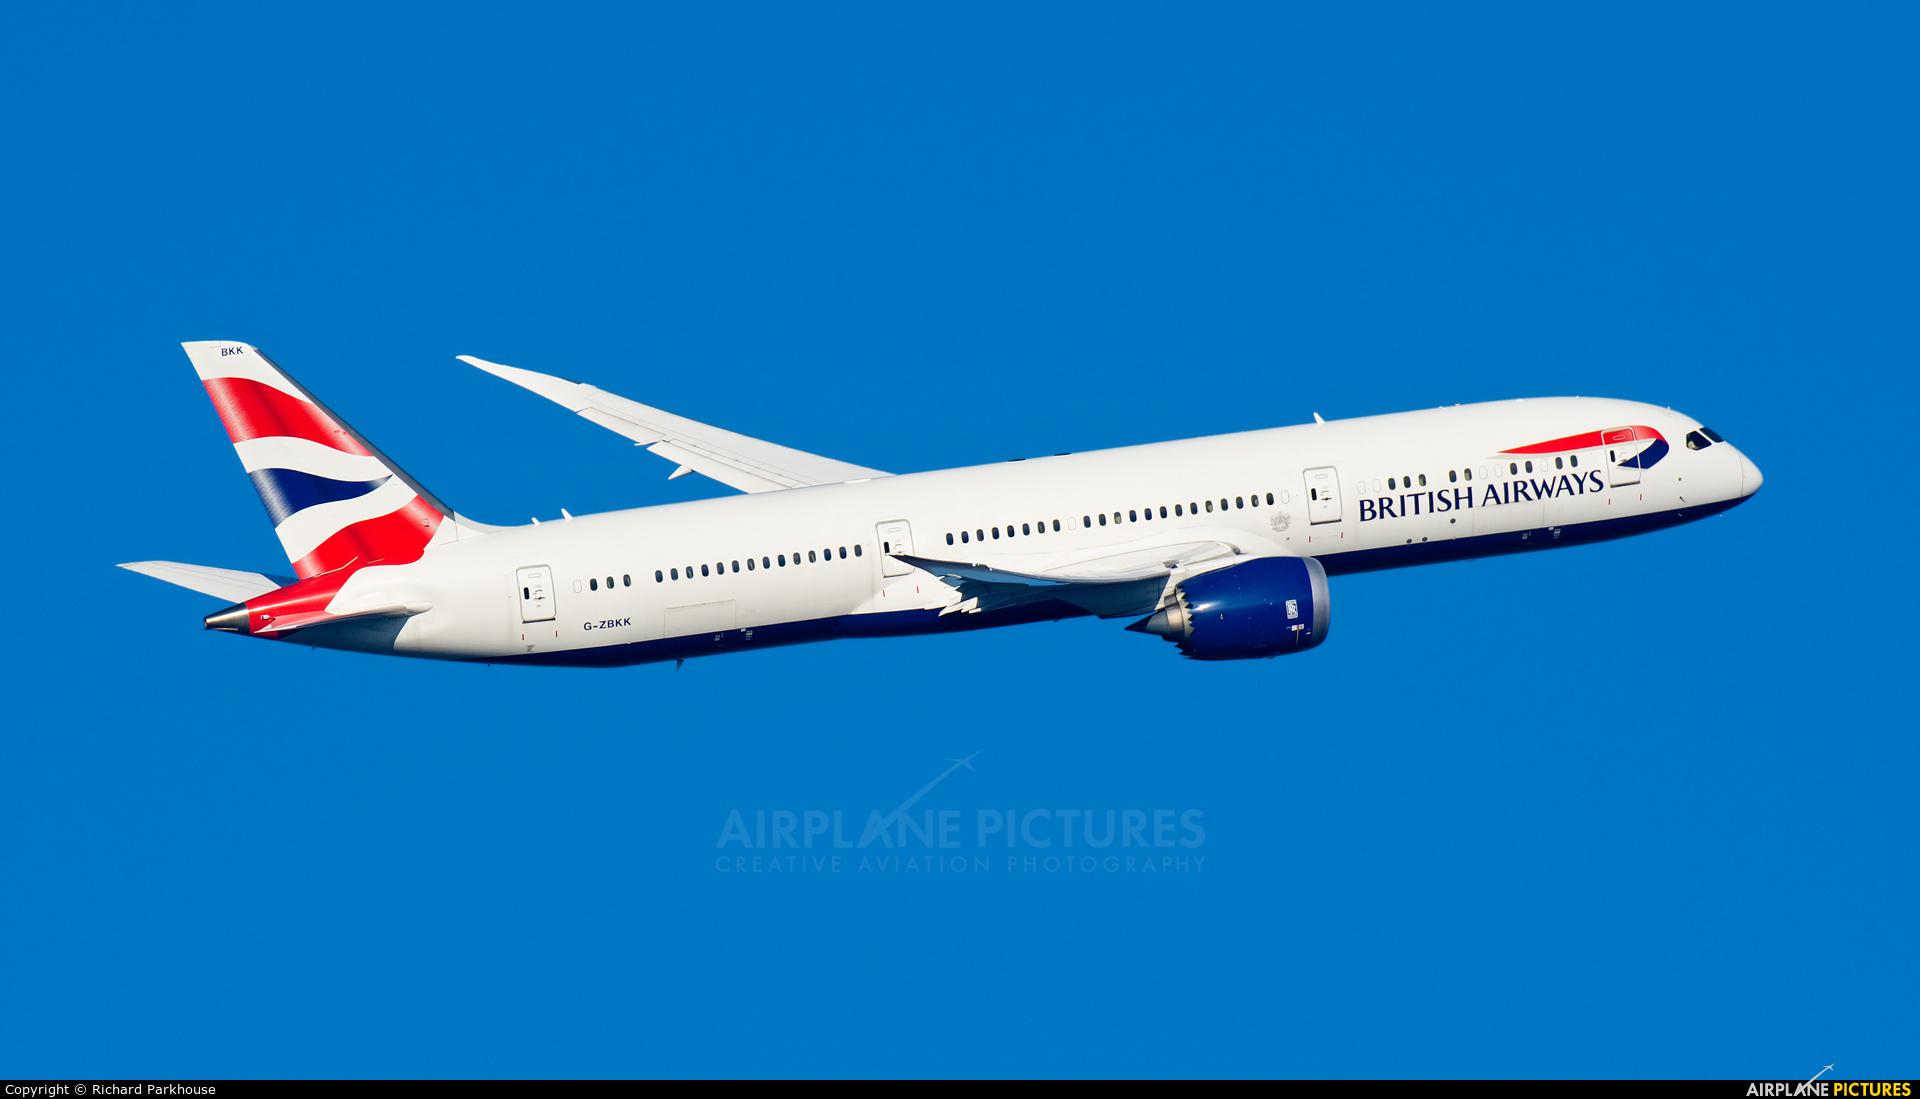 British Airways G-ZBKK aircraft at London - Heathrow